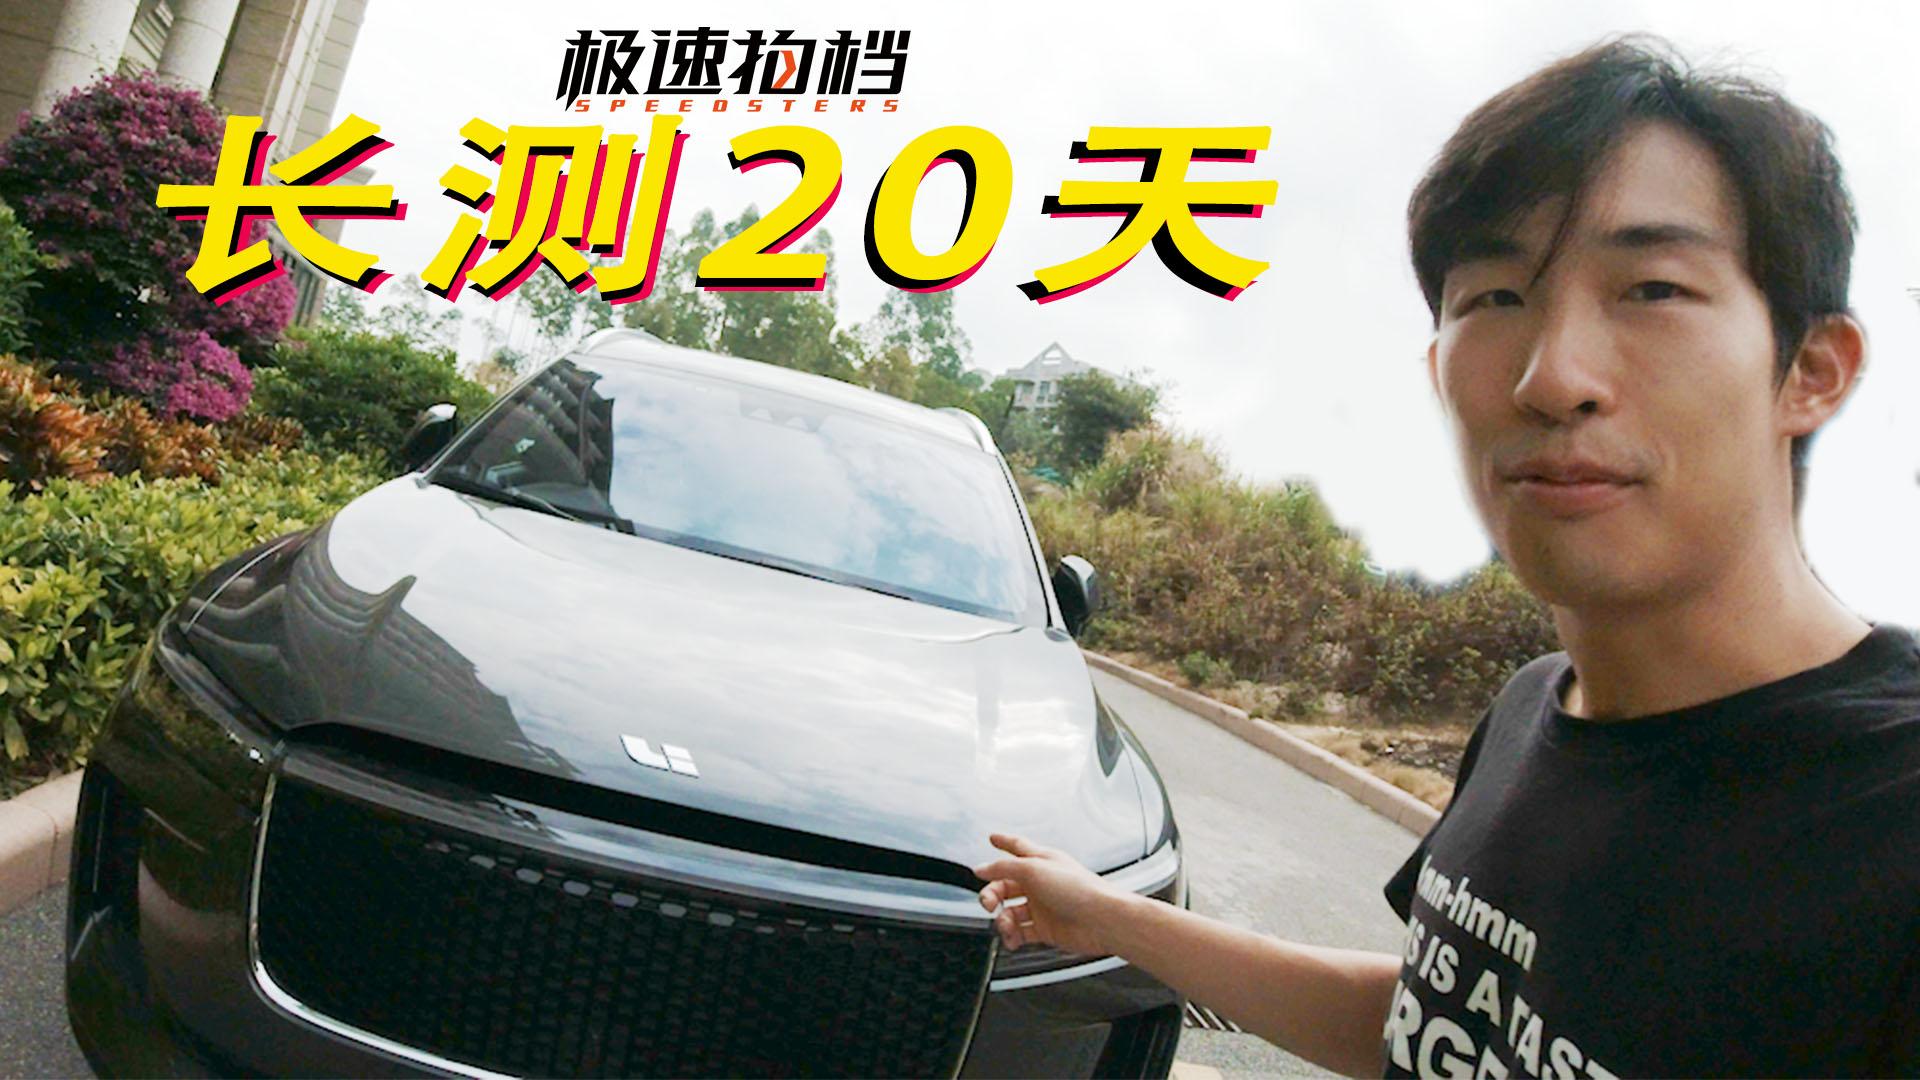 30多万买个国产车,图啥?